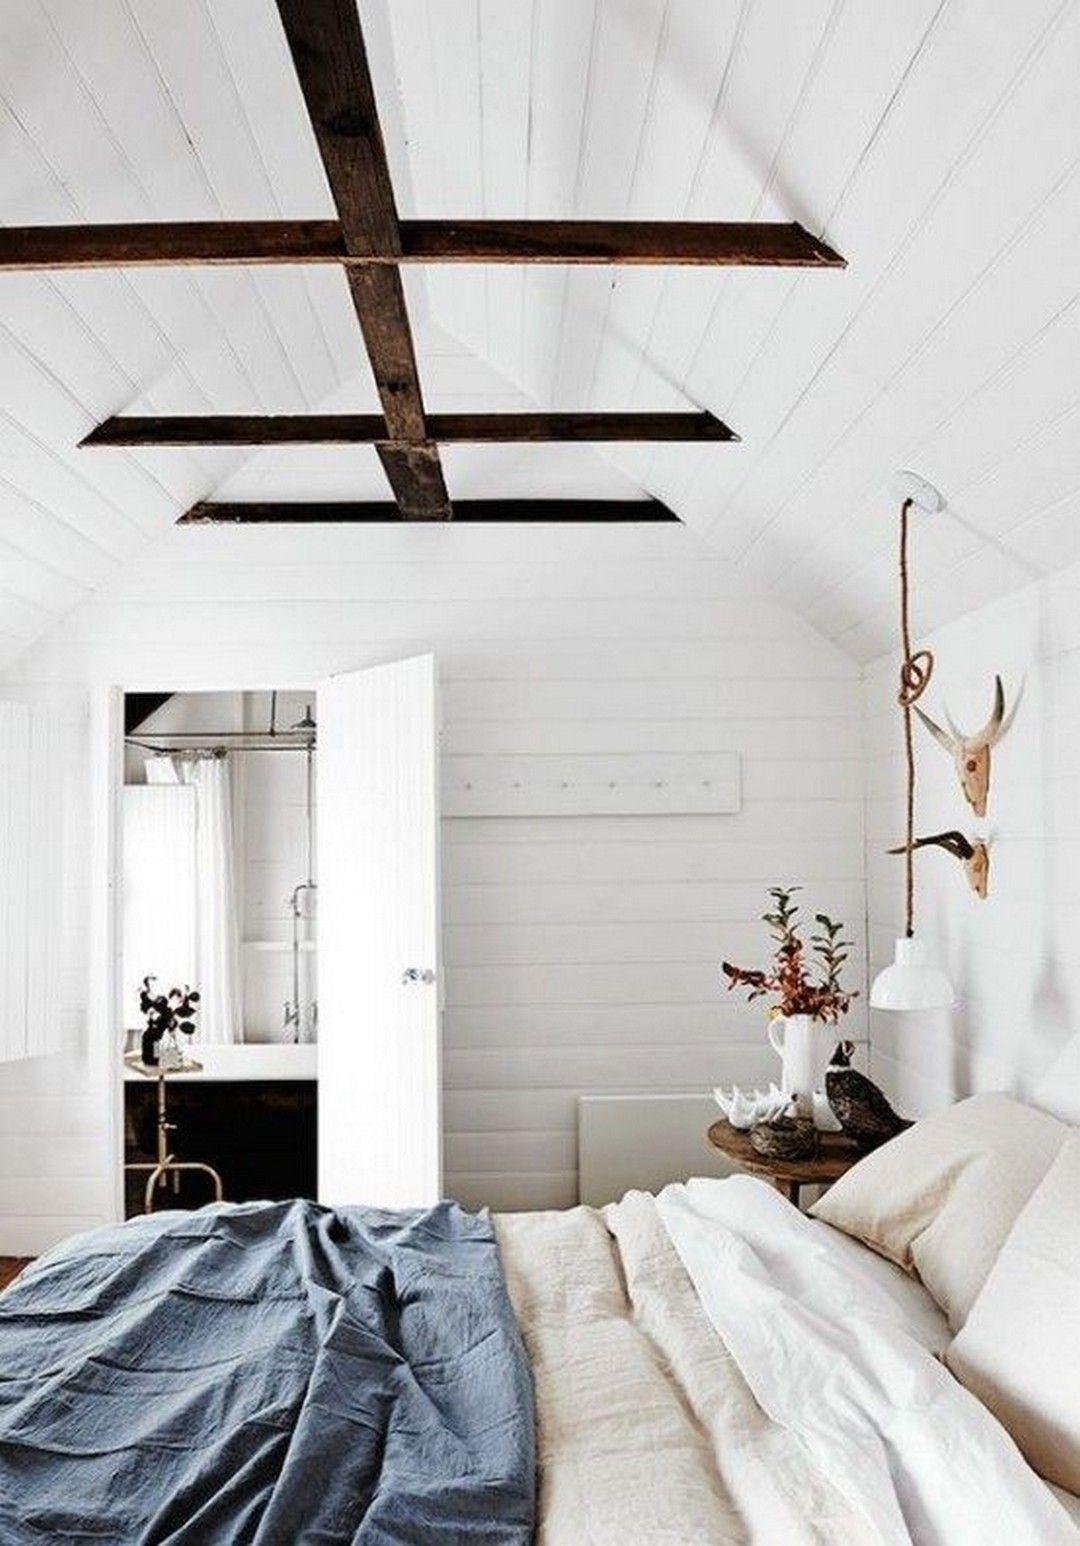 14 Modern Interior Scandinavian Bedroom Blue Vanchitecture 2017 12 07